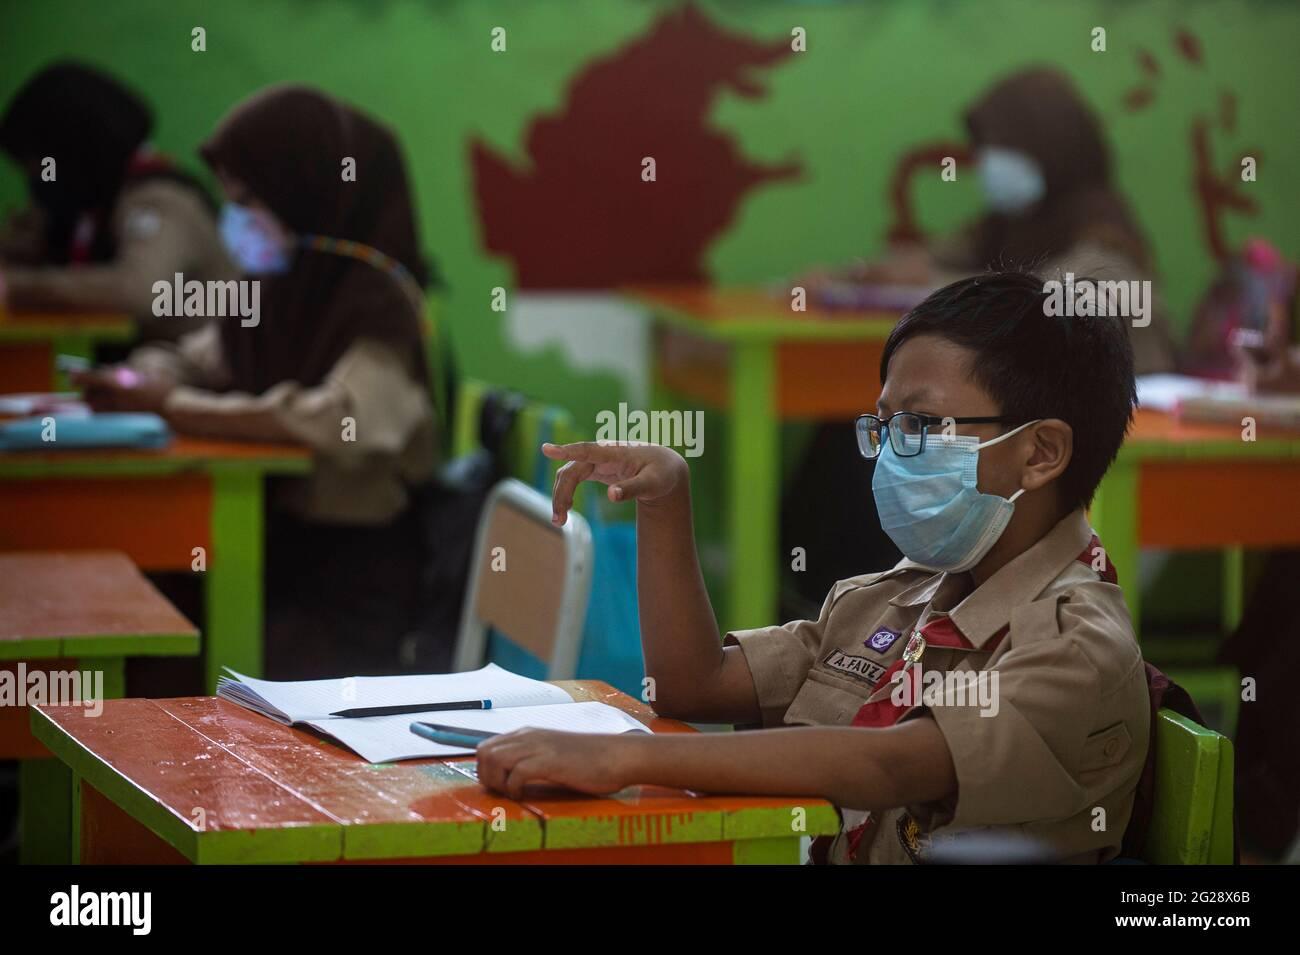 Jakarta, Indonésie. 9 juin 2021. Un élève élémentaire portant un masque facial est vu dans une salle de classe au cours d'une activité d'apprentissage face-à-face d'essai dans le cadre de l'épidémie de COVID-19 dans une école de Jakarta, Indonésie, le 9 juin 2021. Credit: Agung Kuncahya B./Xinhua/Alay Live News Banque D'Images